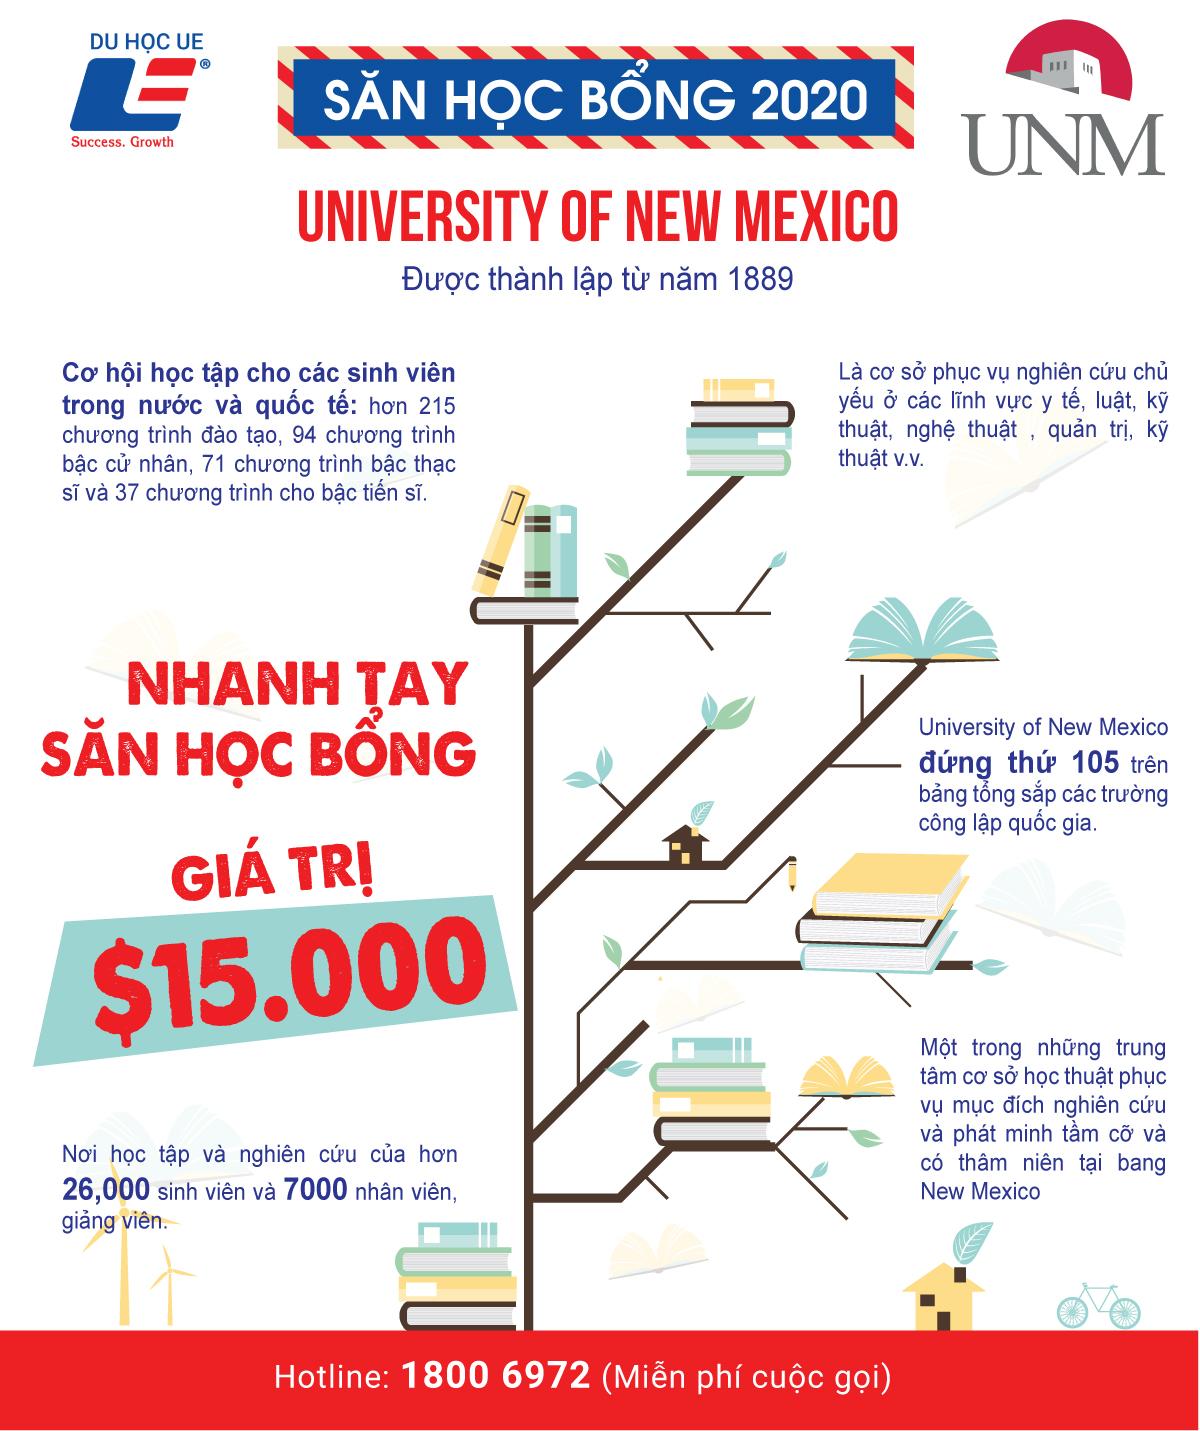 Nhanh tay săn học bổng giá trị 15.000 đô-la tại University Of New Mexico